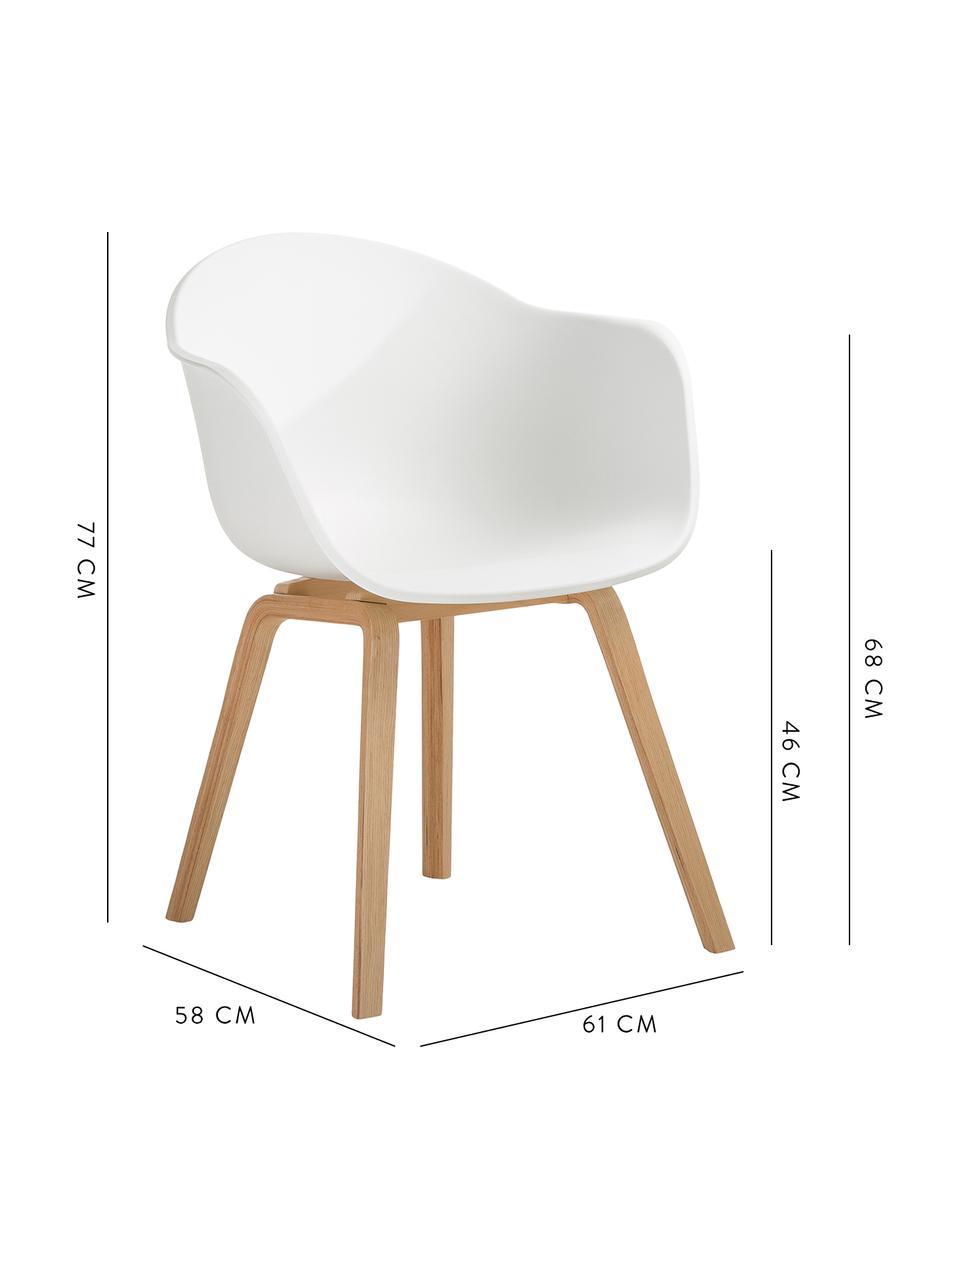 Sedia con braccioli e gambe in legno Claire, Seduta: materiale sintetico, Gambe: legno di faggio, Seduta: bianco Gambe: legno di faggio, Larg. 60 x Prof. 54 cm